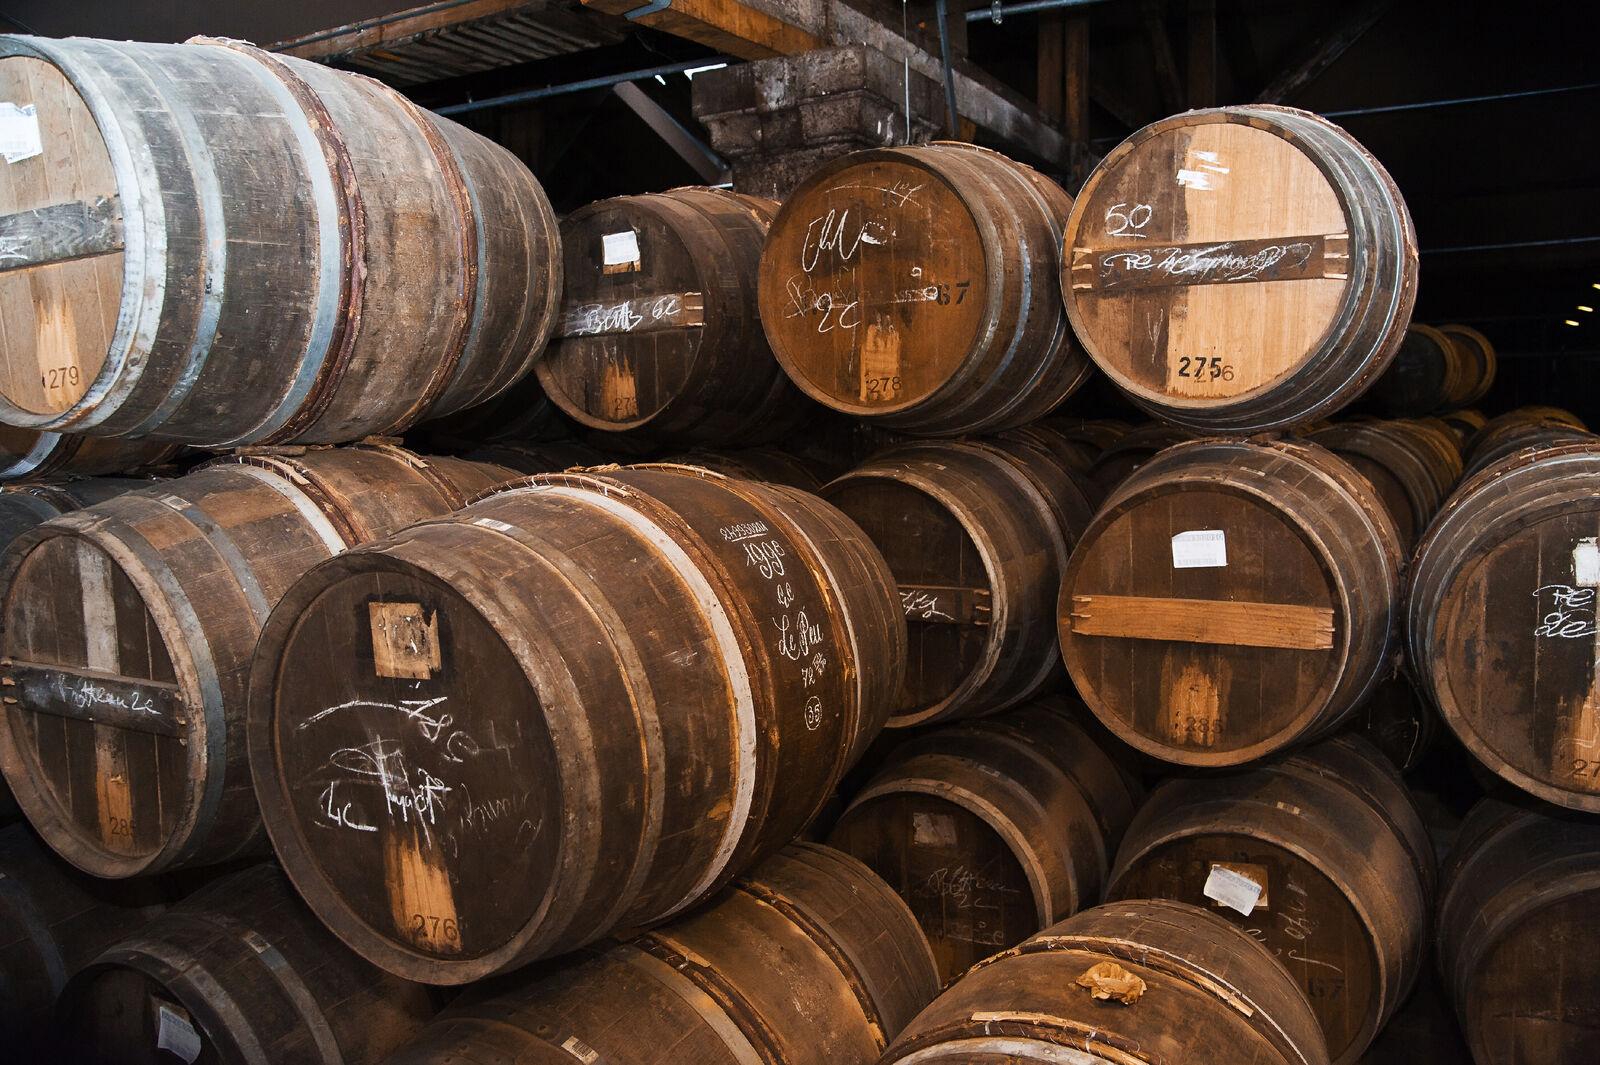 Cognac Barrels ready to refill